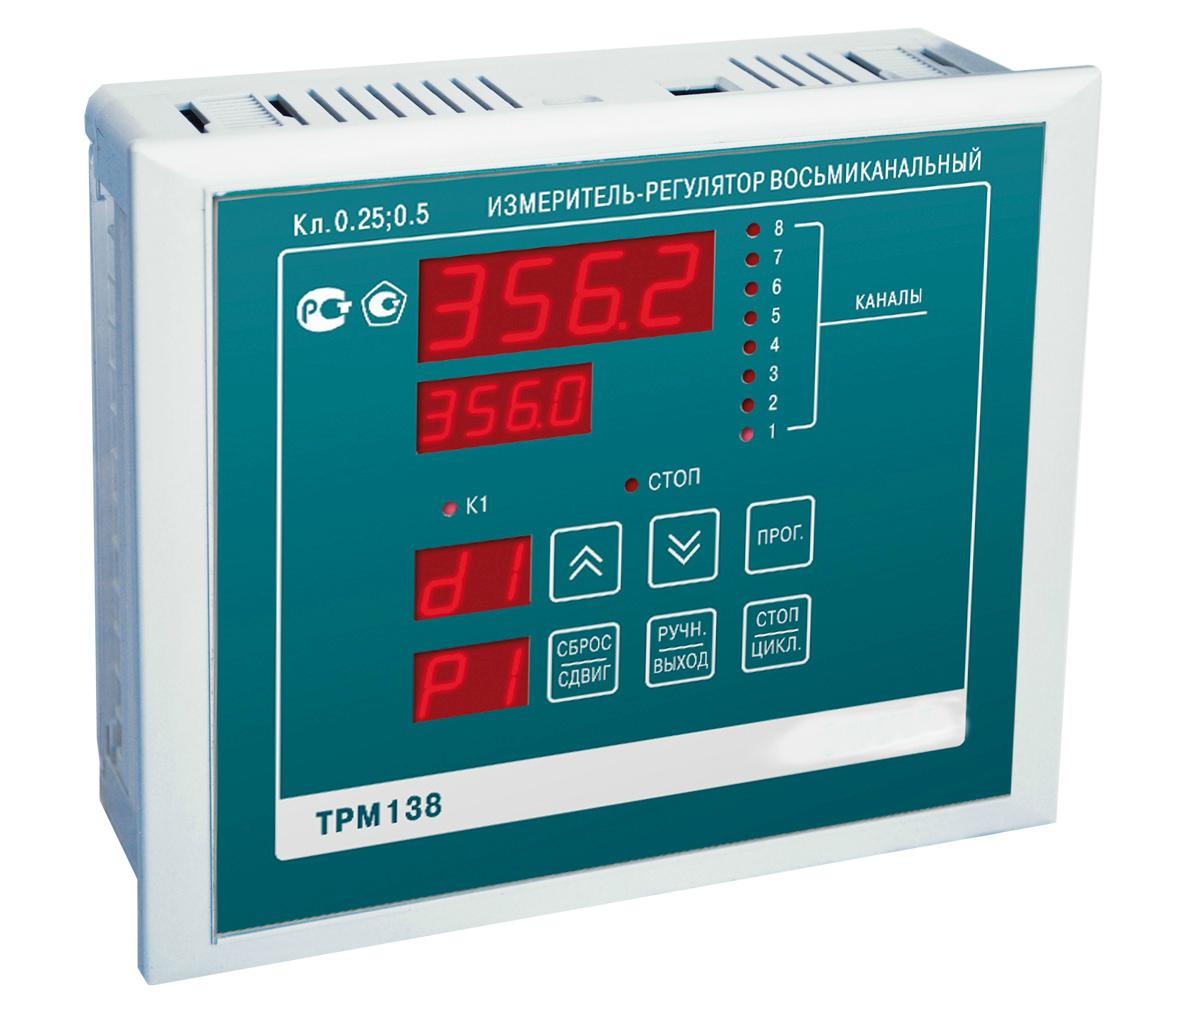 ТРМ138 измеритель-регулятор